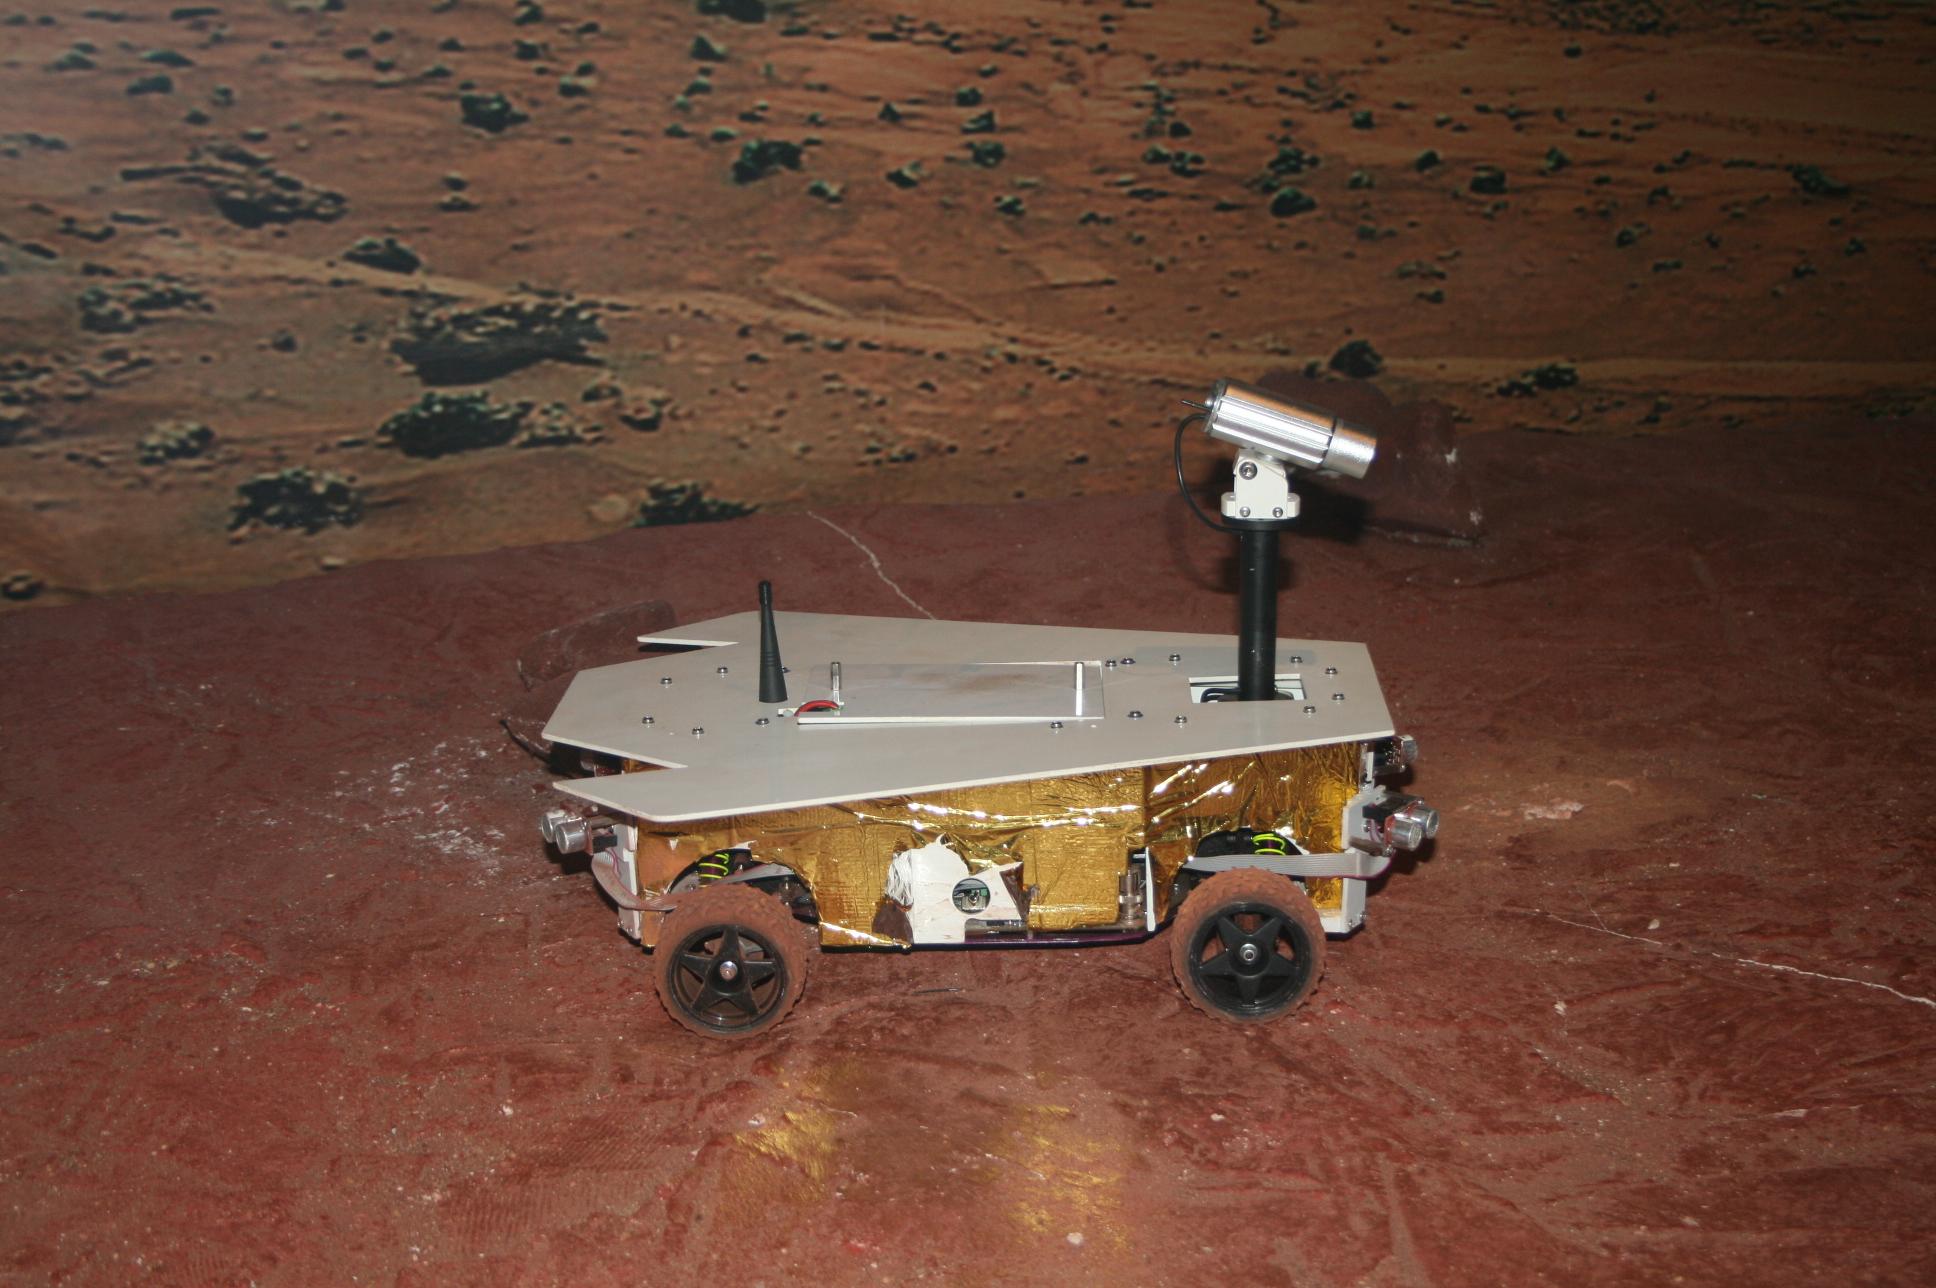 rover martien